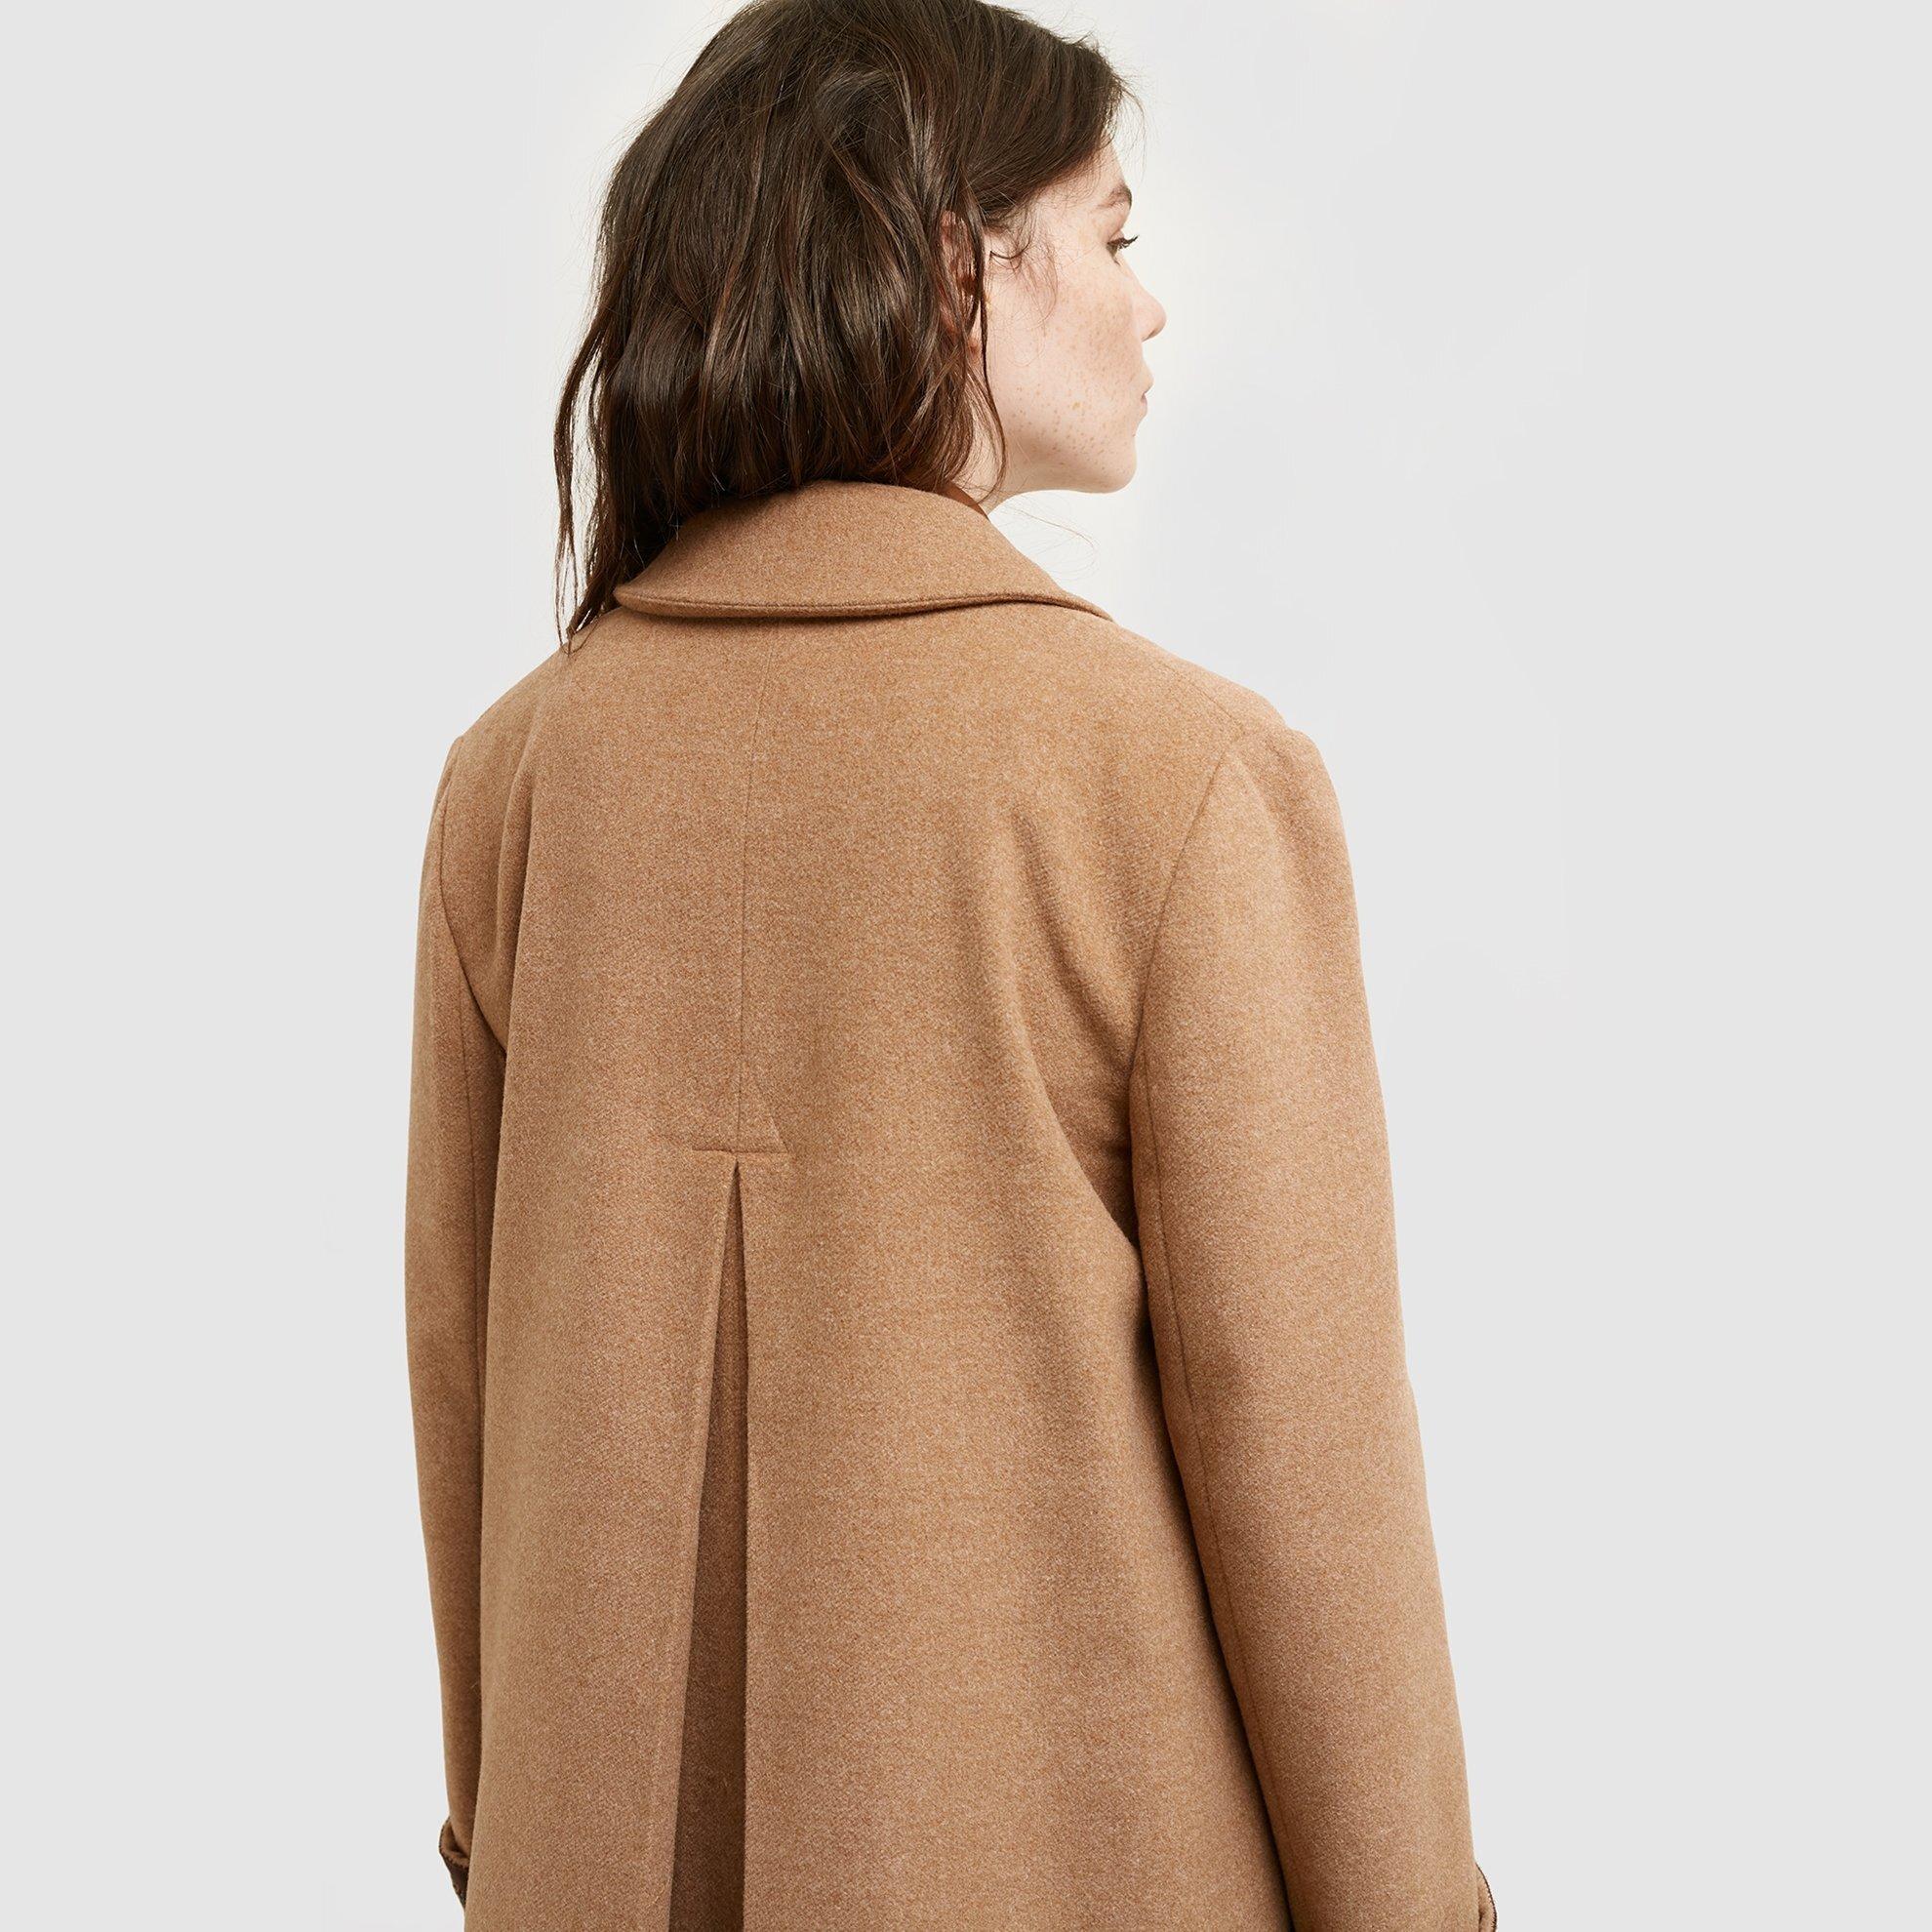 resm Kol Detaylı Palto